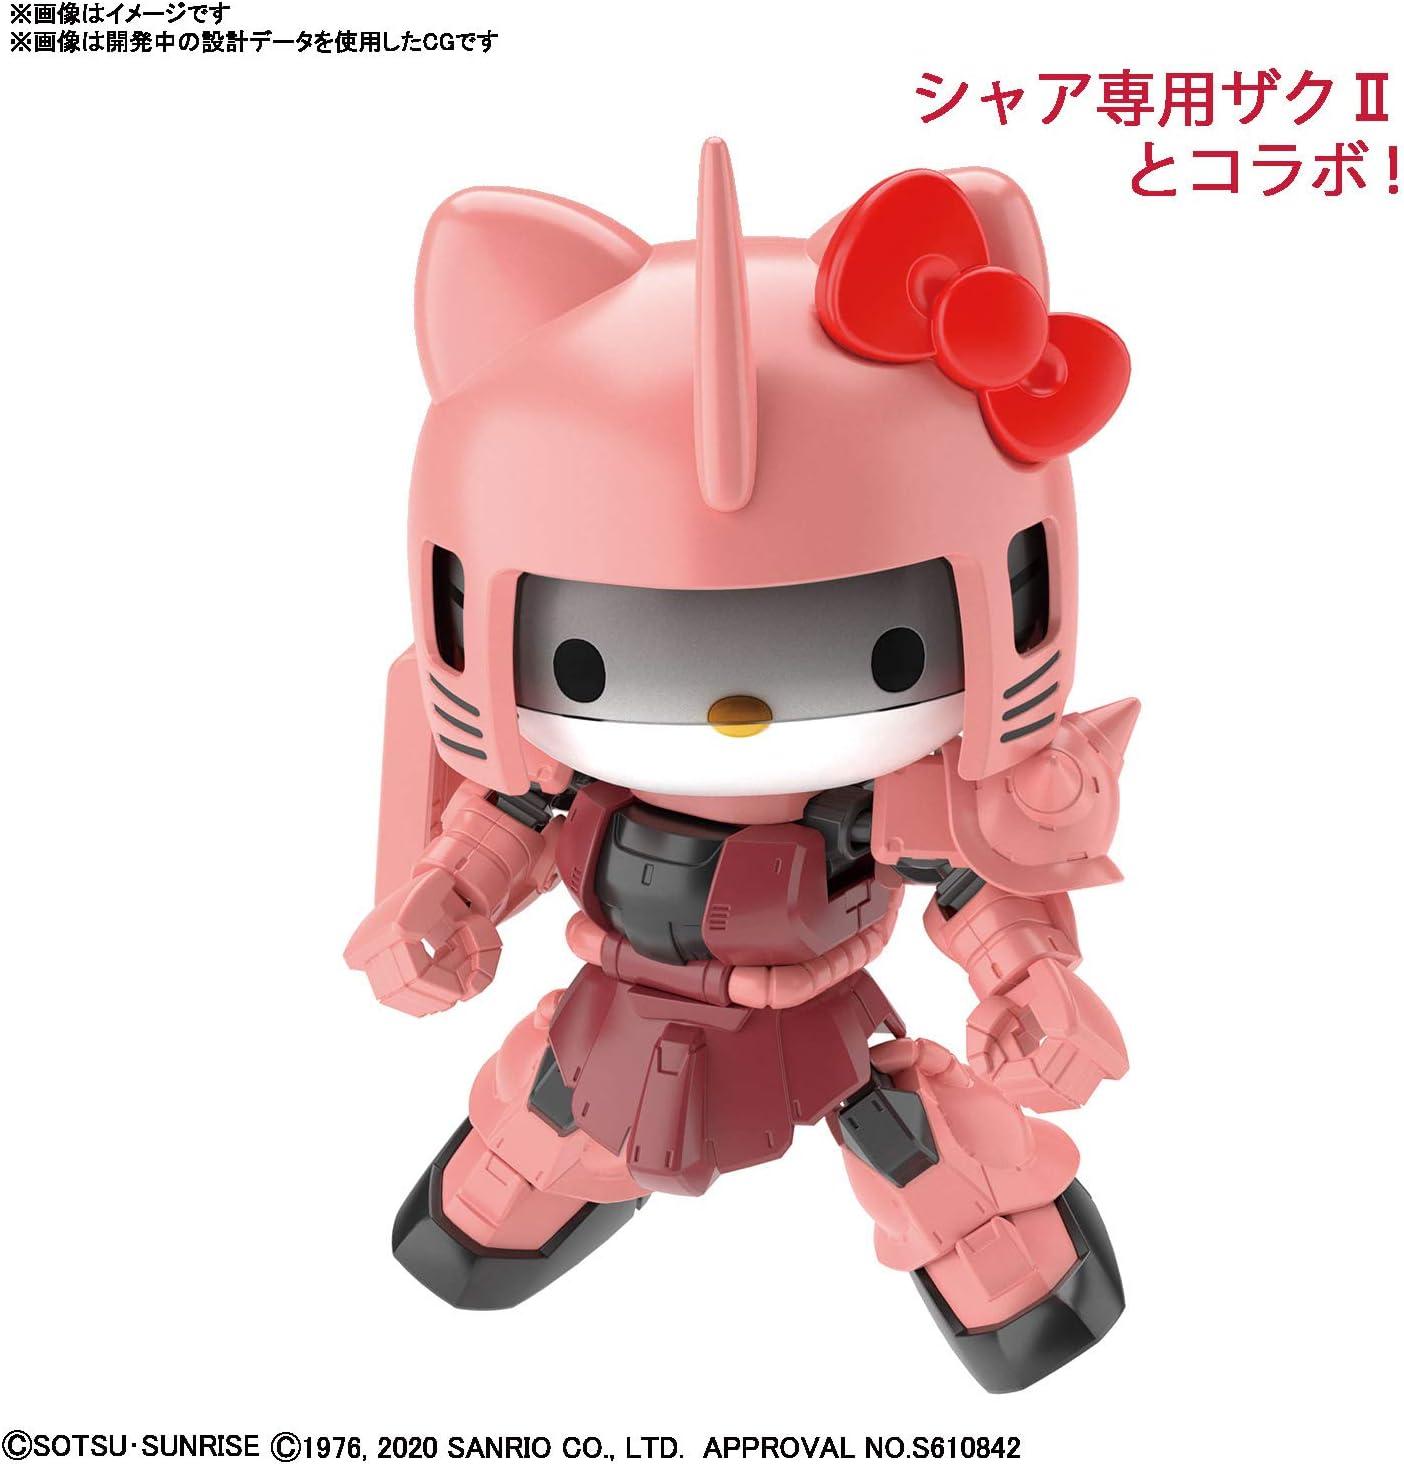 SD Gundam CrossSilhouette Hello Kitty//MS-06S Chars Zaku II 2554762 Bandai Hobby